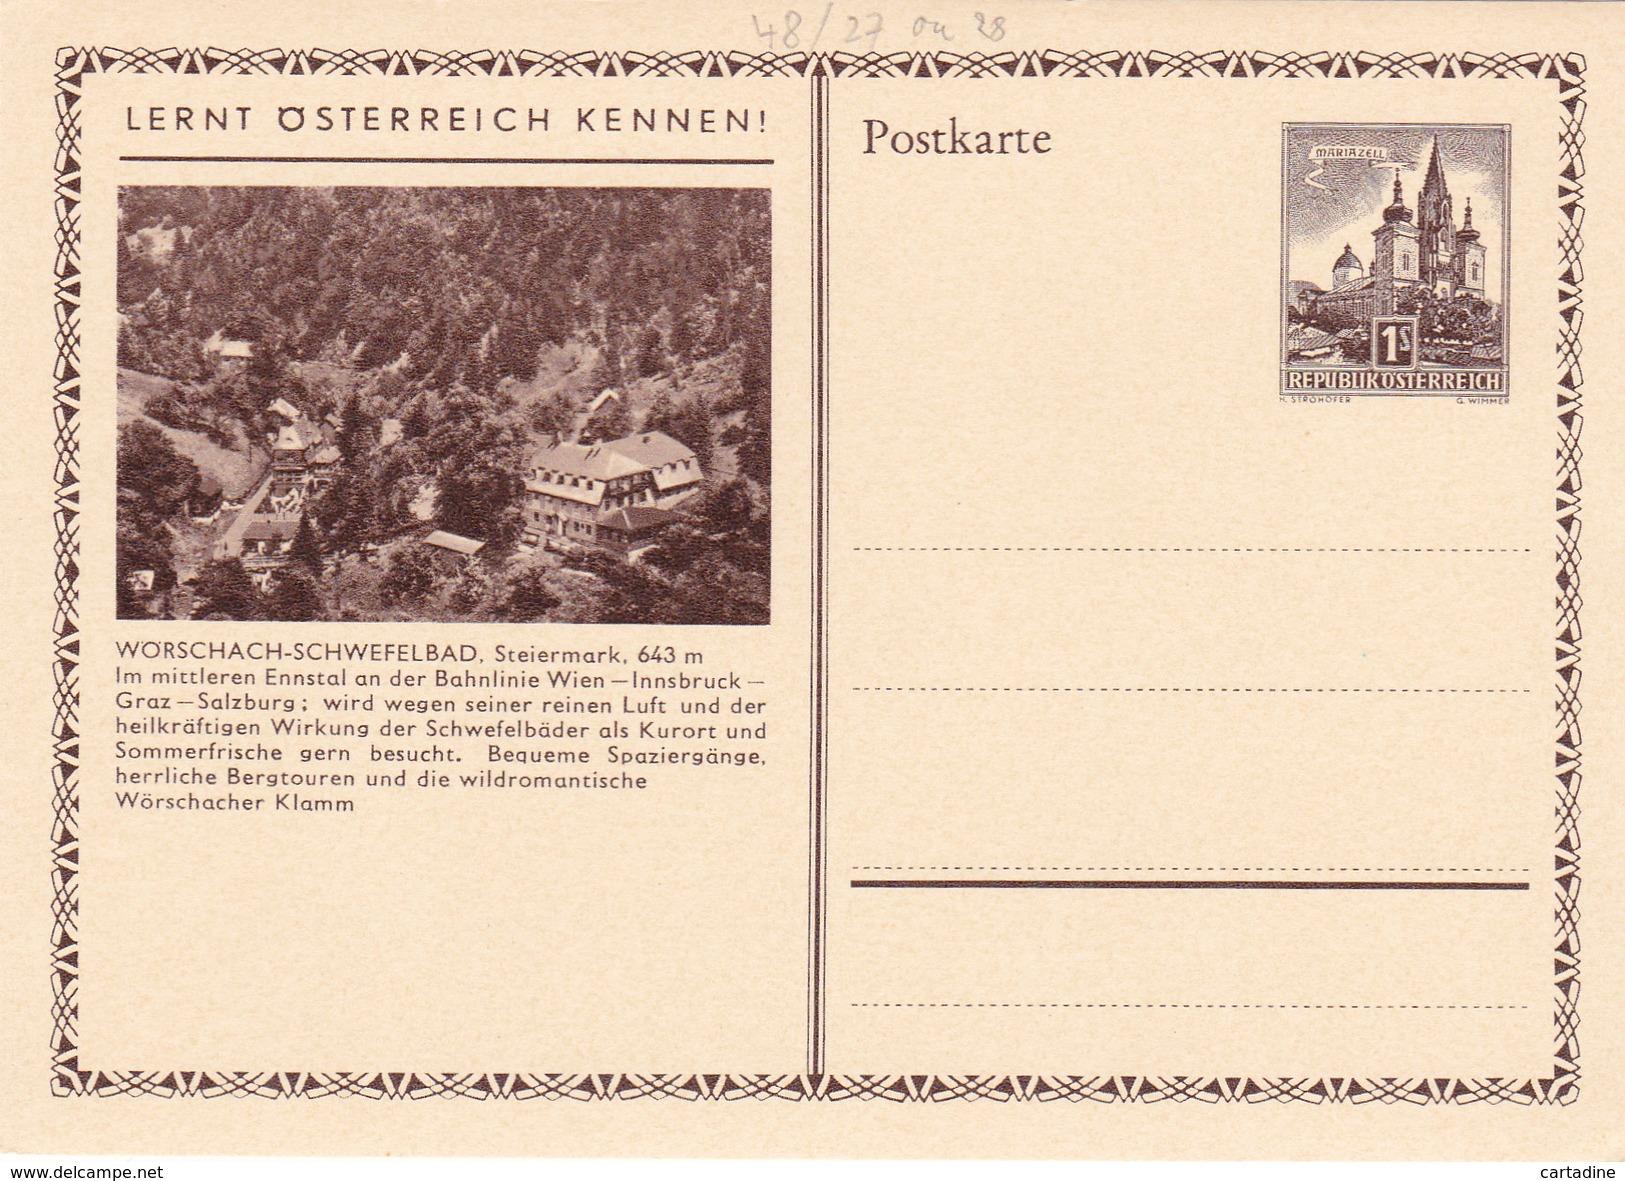 Entier Postal Autriche/Österreich NEUF - 48/27 Ou 28  -  Worschach-Schwefelbad - Entiers Postaux